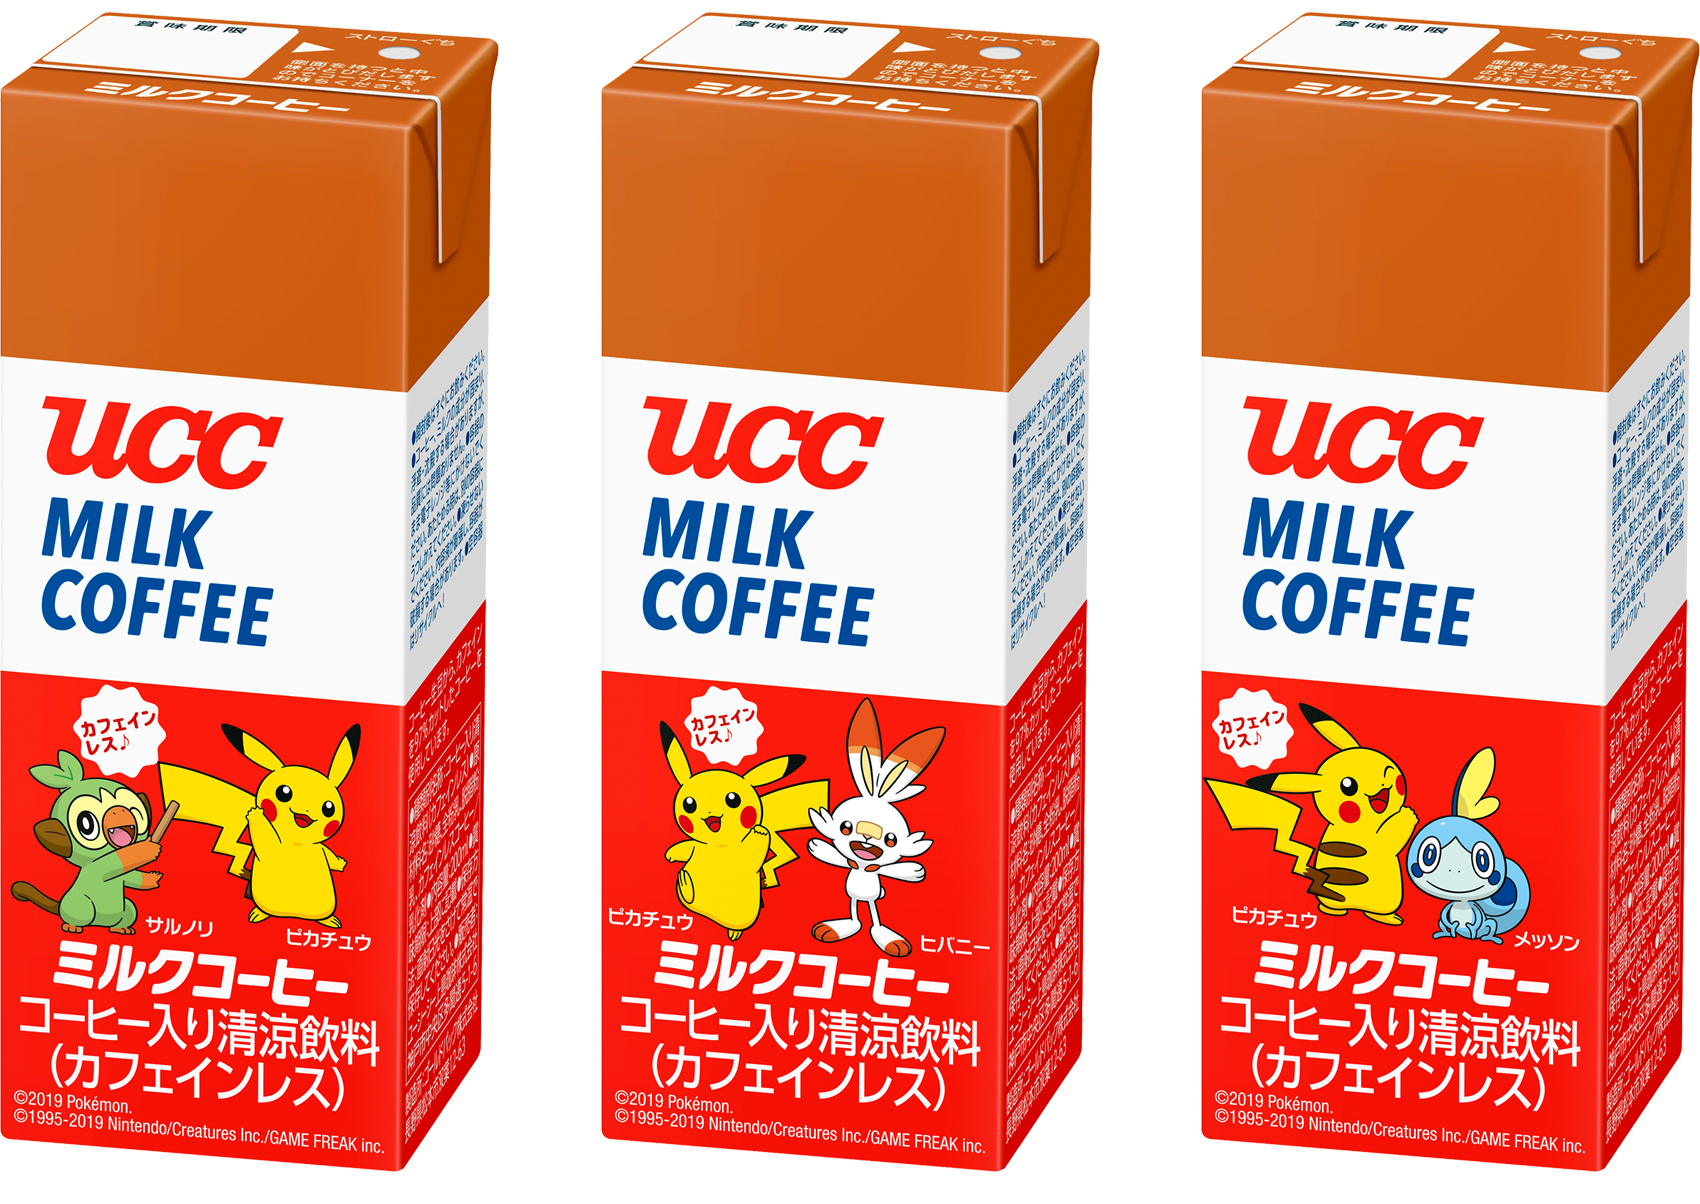 UCC 牛奶咖啡 精灵宝可梦 限定款